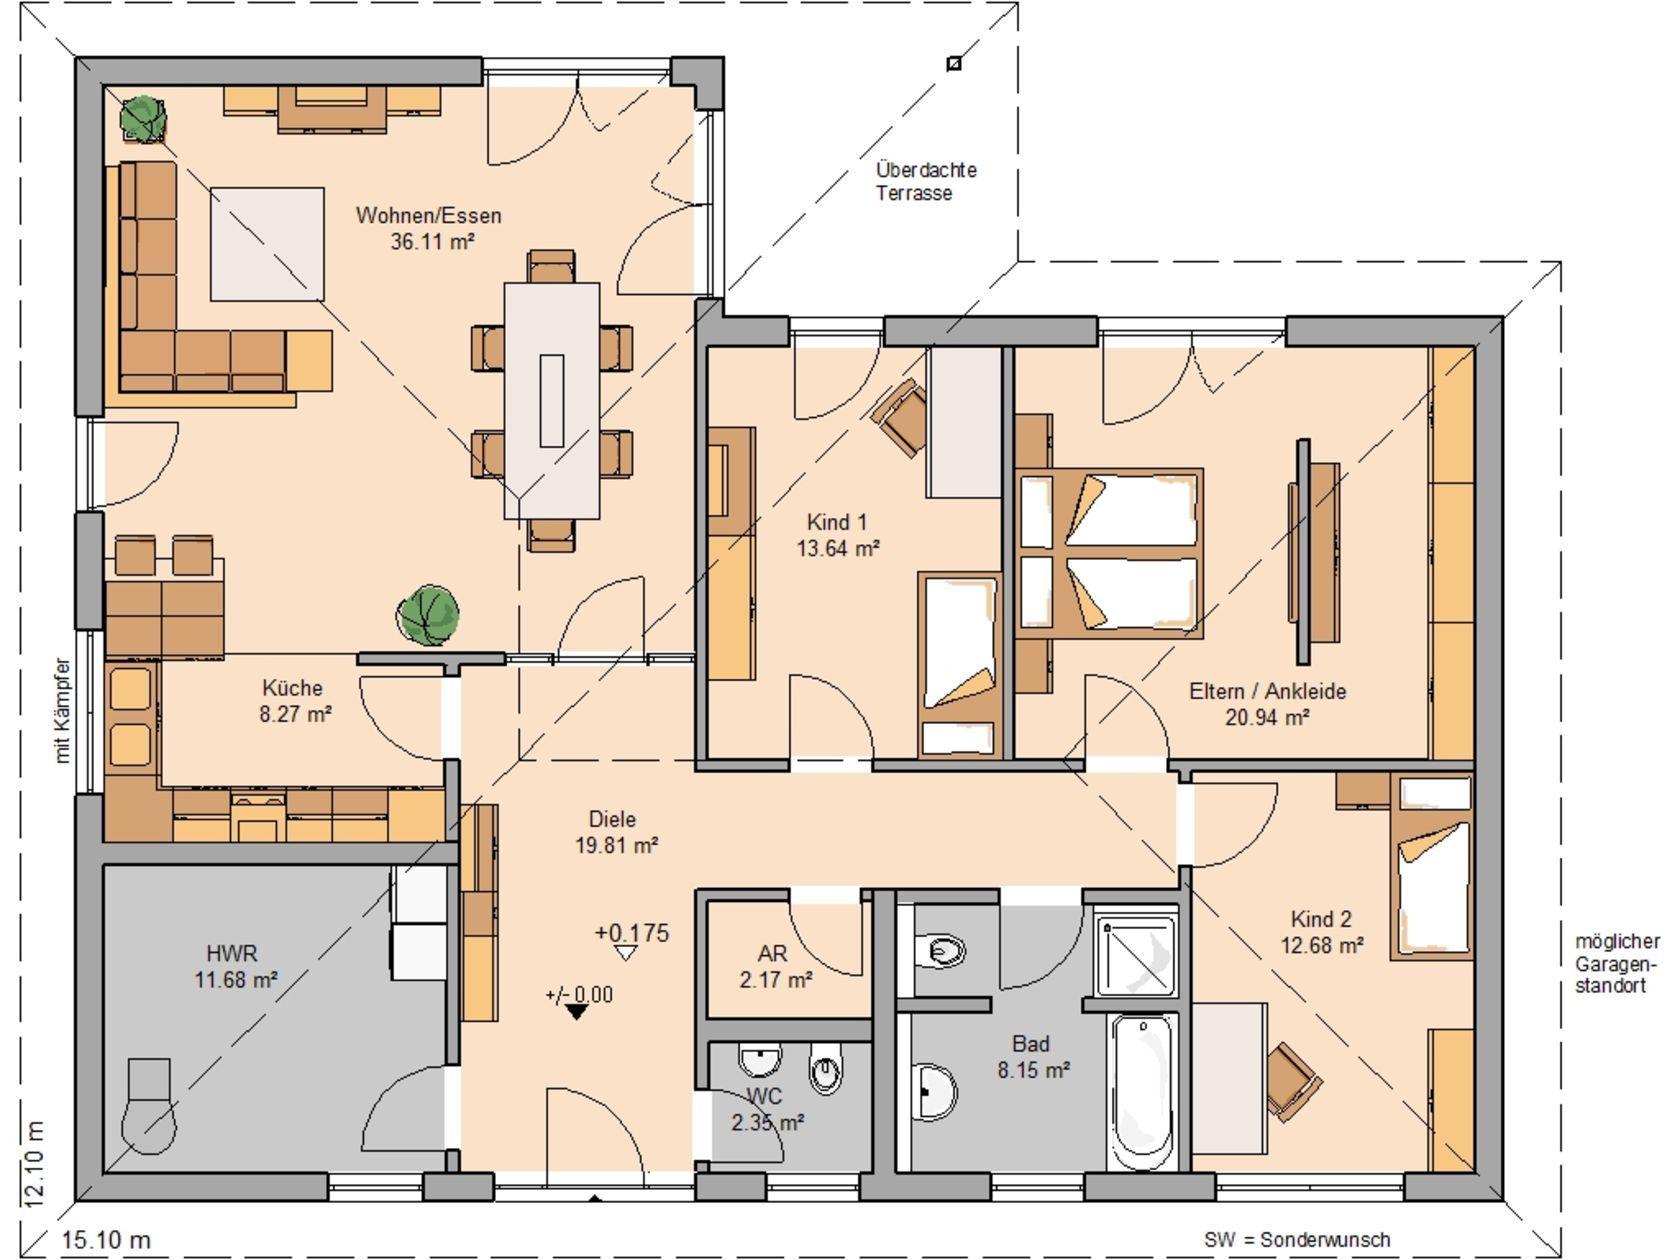 Bildergebnis für grundriss bungalow 4 zimmer 150 qm | Bungalow in ...